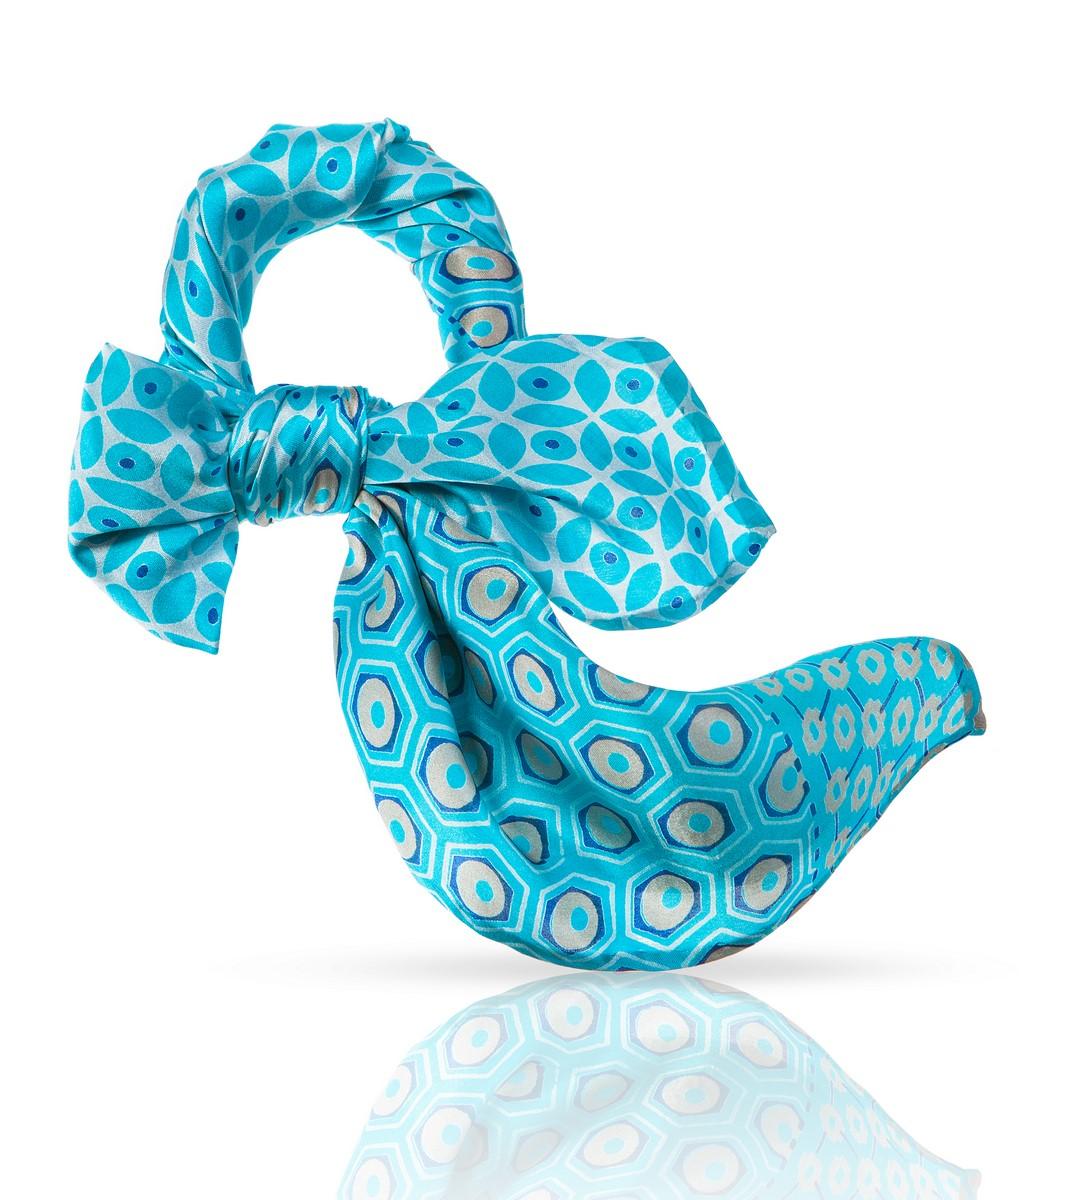 Платок Michel Katana, цвет: бирюзовый. SS.KV-SMALL.FLORE. Размер 54 см х 54 смSS.KV-SMALL.FLORE.TURНенавязчивый элегантный узор этого шейного платочка из 100% натурального шелка и удачное цветовое решение делают его идеальным дополнением к наряду в романтическом стиле. Он сыграет важную роль и в деловом костюме, ненавязчиво подчеркнув ваш изысканный вкус и внимание к деталям. Этот высококачественный аксессуар, при всей своей невесомости, скажет о своей носительнице многое: это женщина особенная, она умеет выбирать лучшее и уверенно несет свою уникальность.